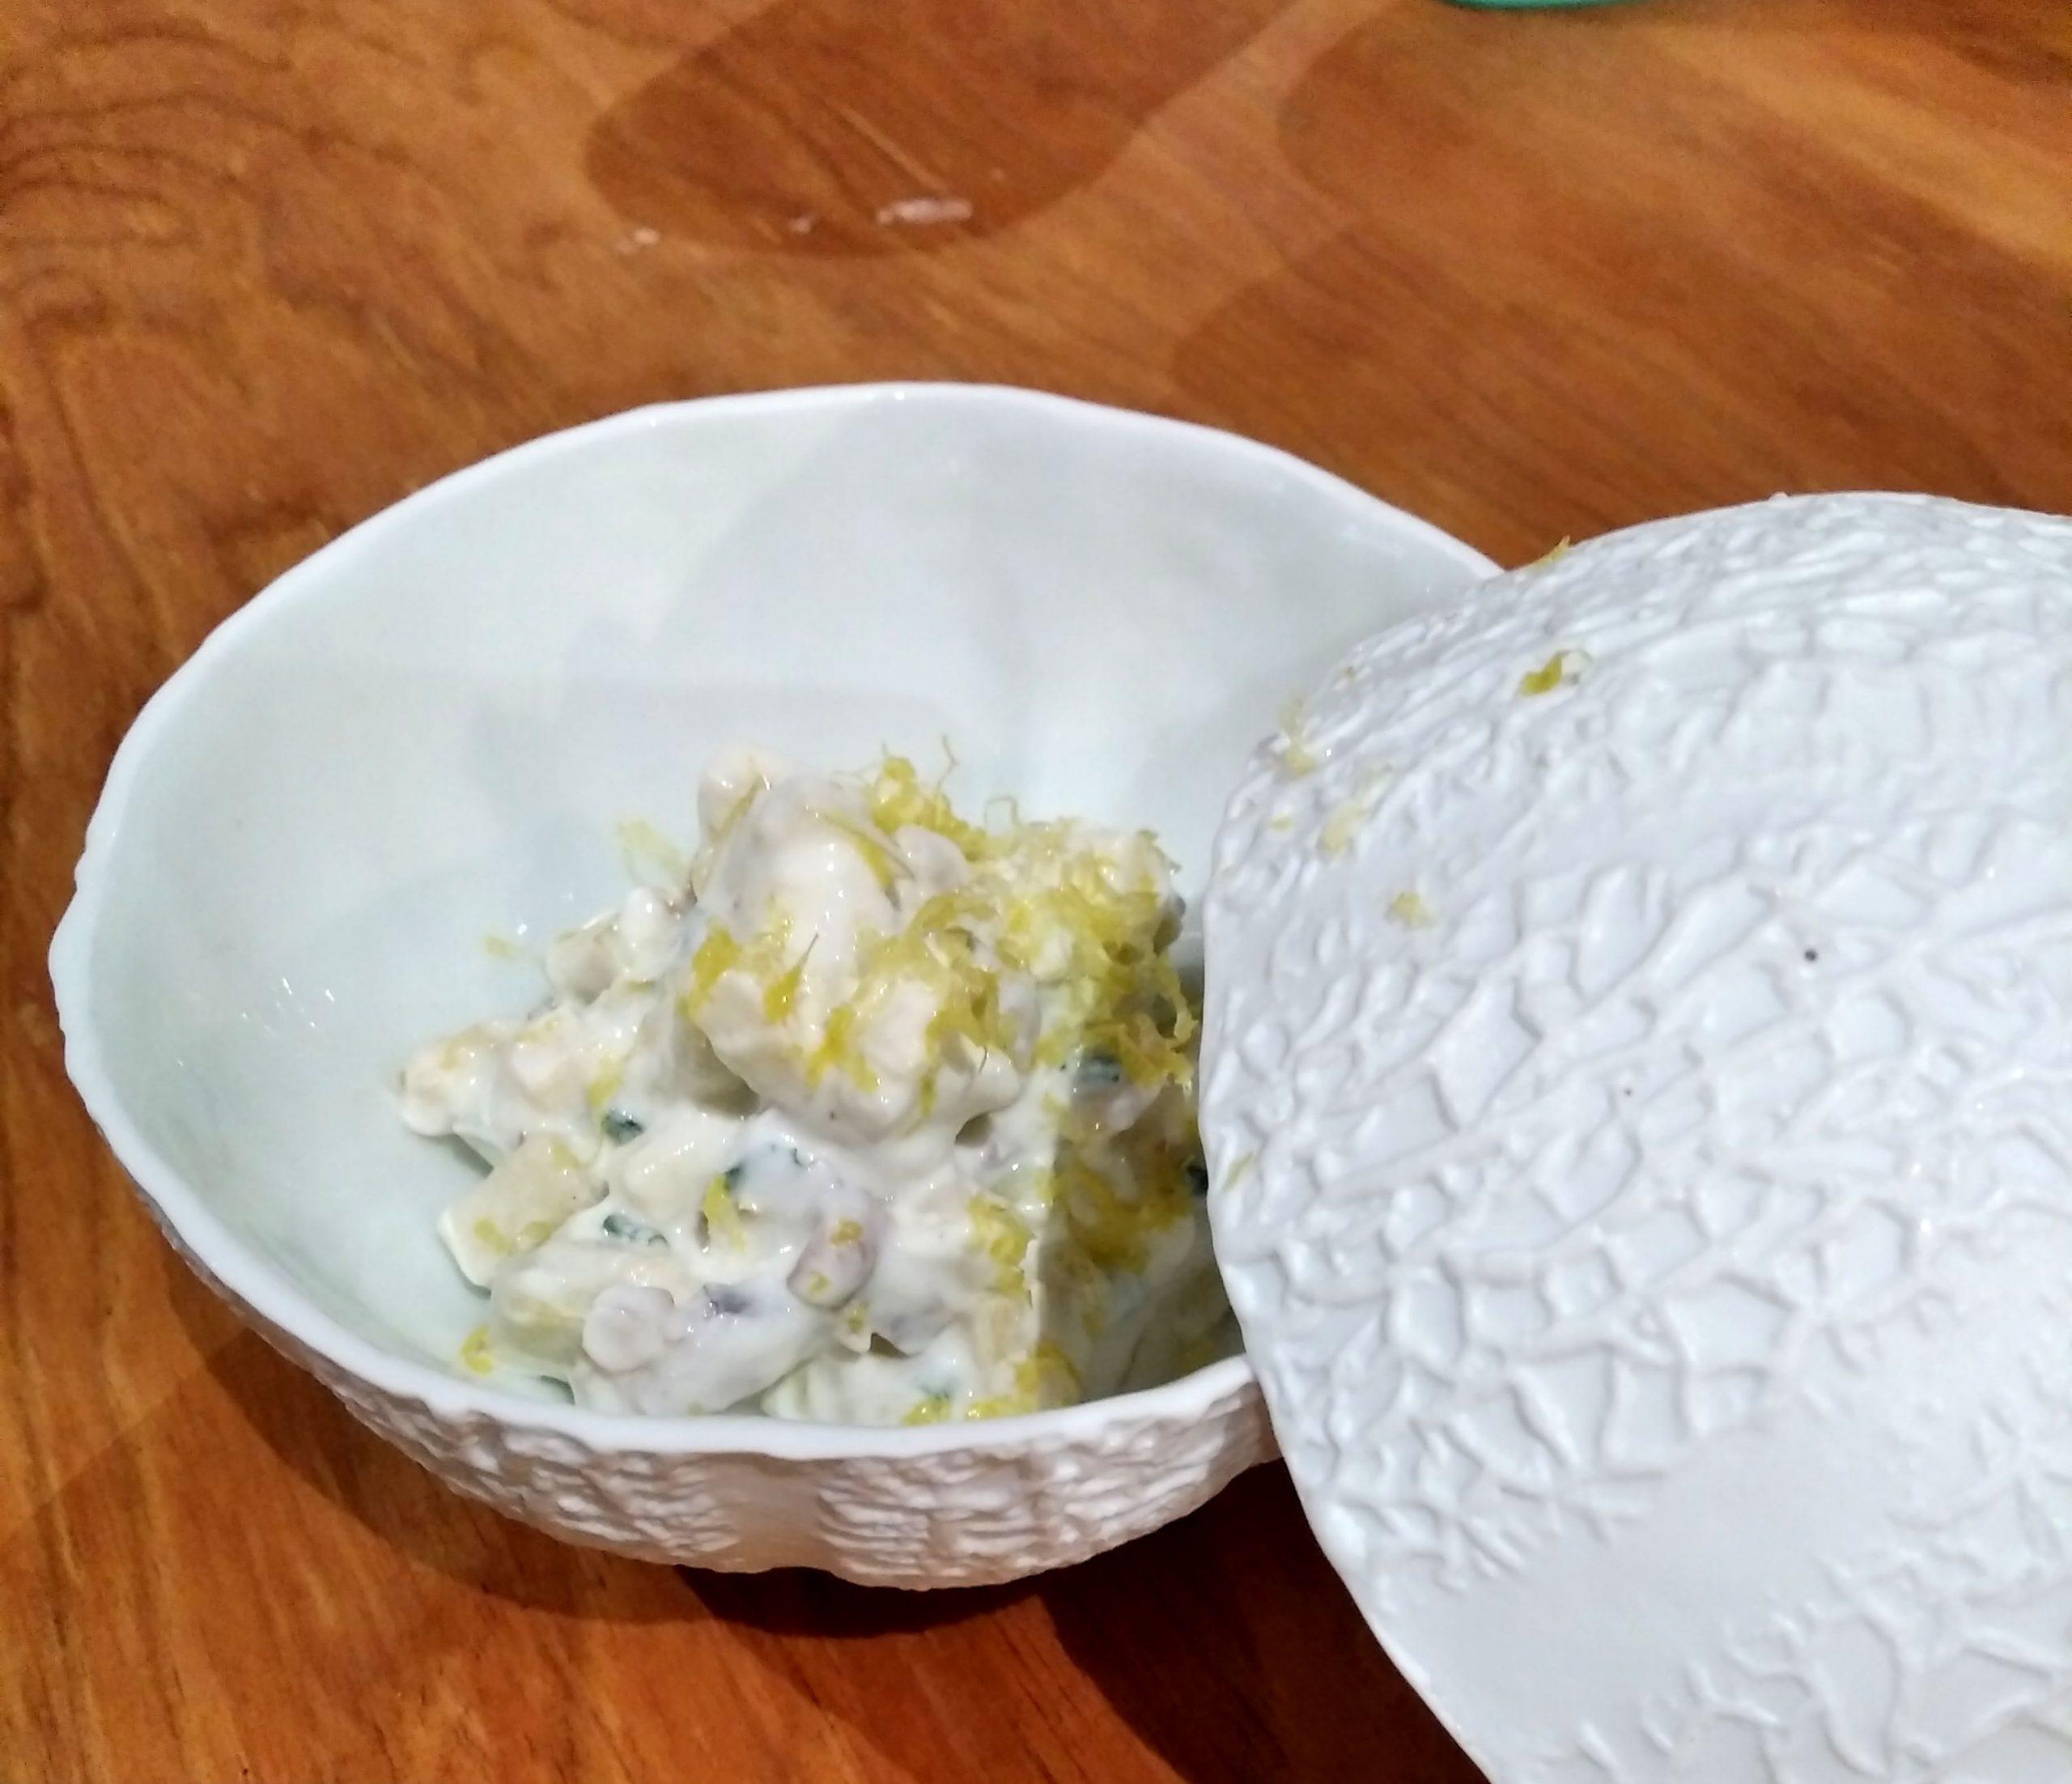 Verrine de compotée d'échalions du Poitou, pommes du Limousin AOP au curry, chantilly de cabécou du Périgord et crumble